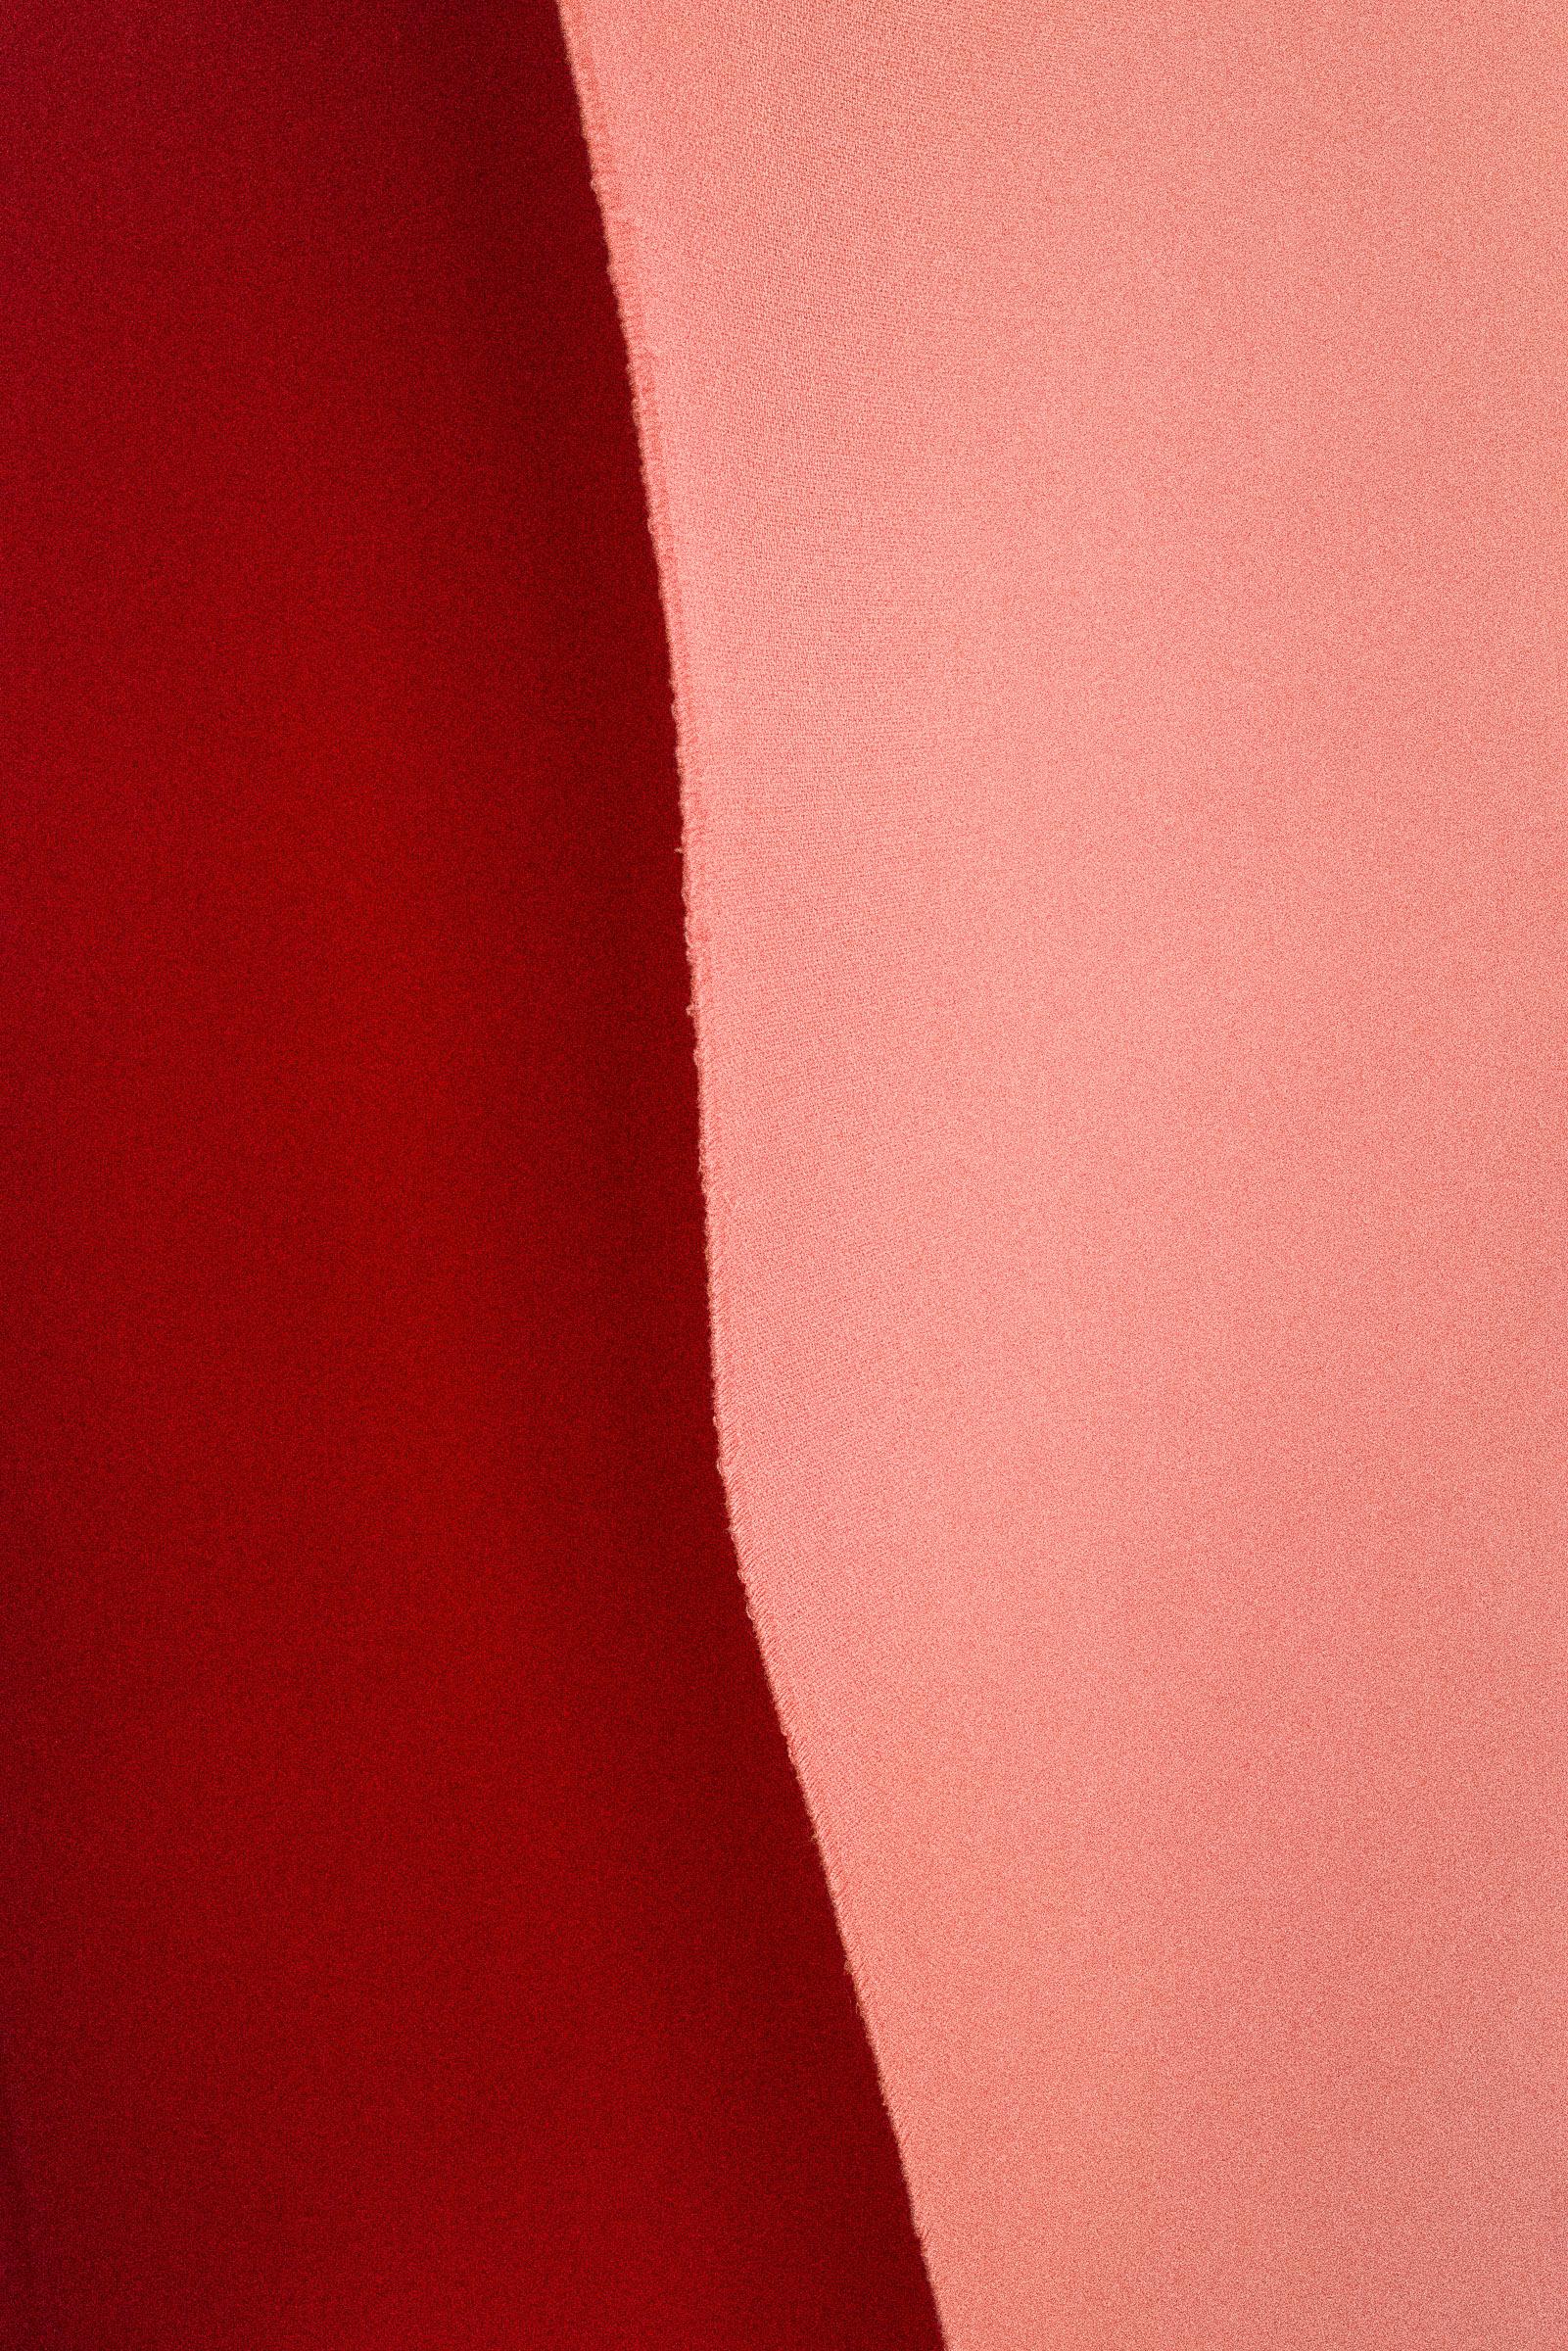 Fernando Villela,  #4 , 2018. Archival inkjet print, 30 x 24 in., edition of 3+1AP ©Fernando Villela, courtesy Fou Gallery  费尔南多·维利纳,  #4 , 2018. 收藏级数码微喷, 76.2 x 60.9 cm, 版数:3+1AP ©费尔南多·维利纳,致谢否画廊